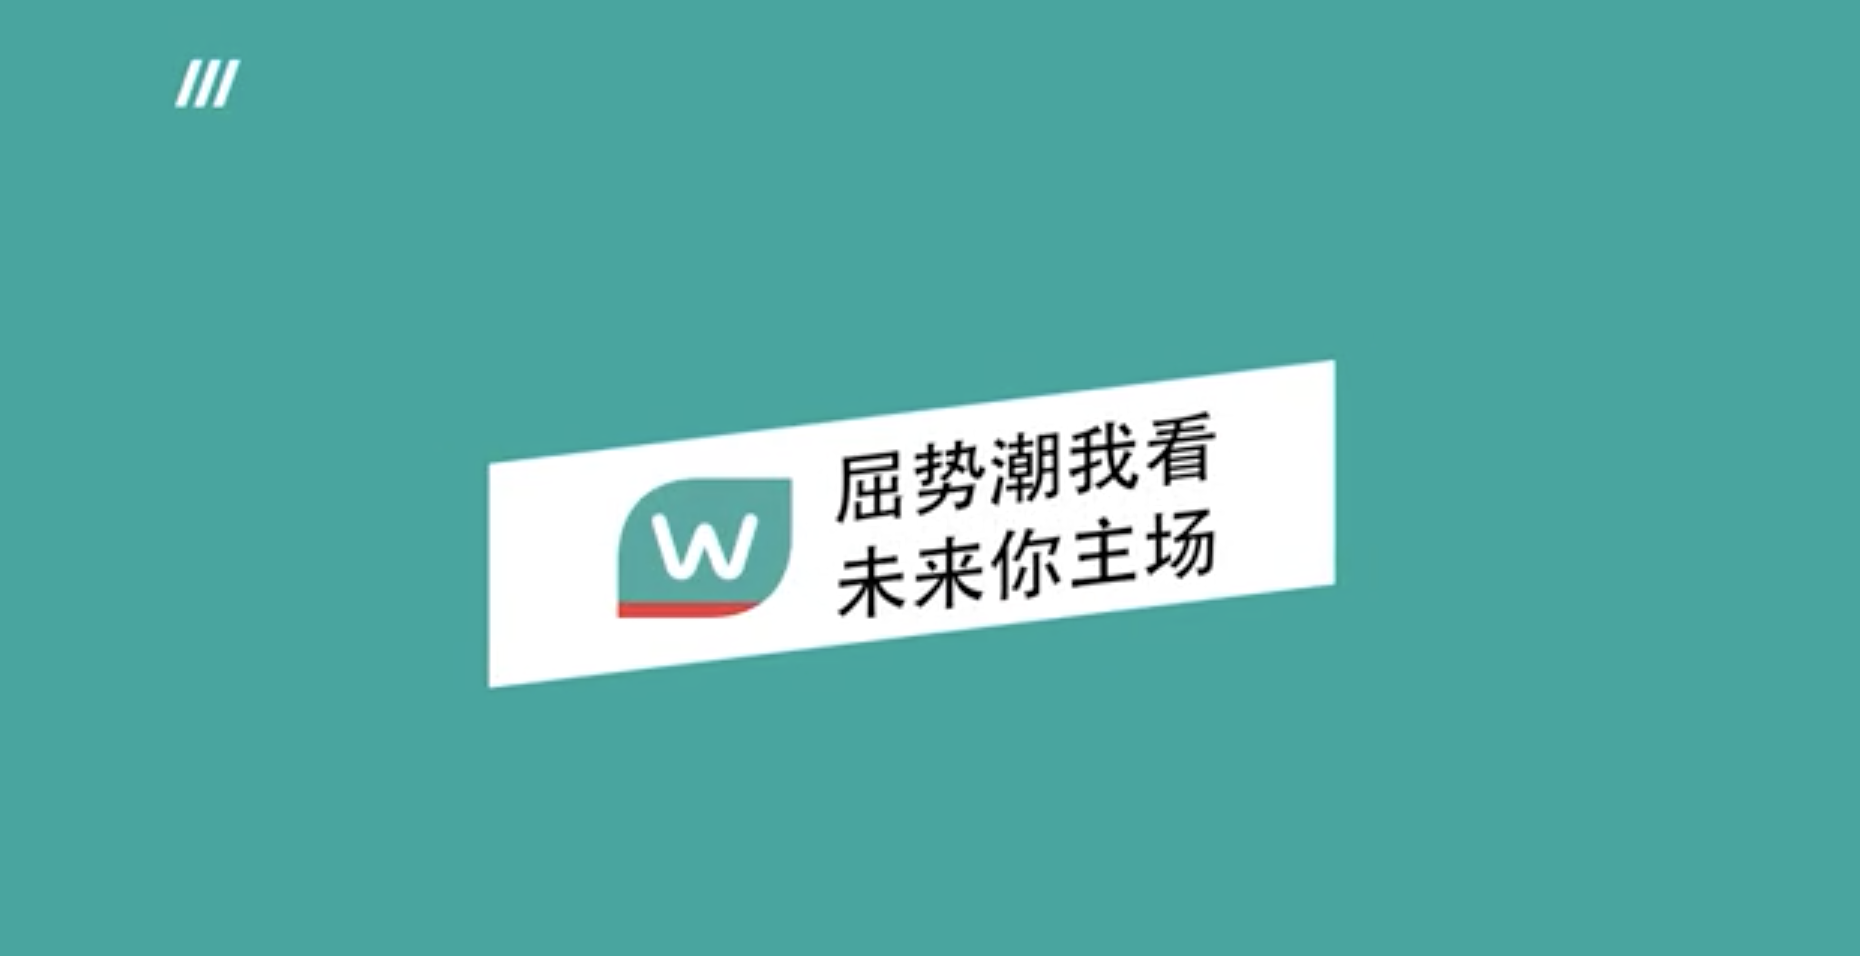 屈臣氏2020年春招视频